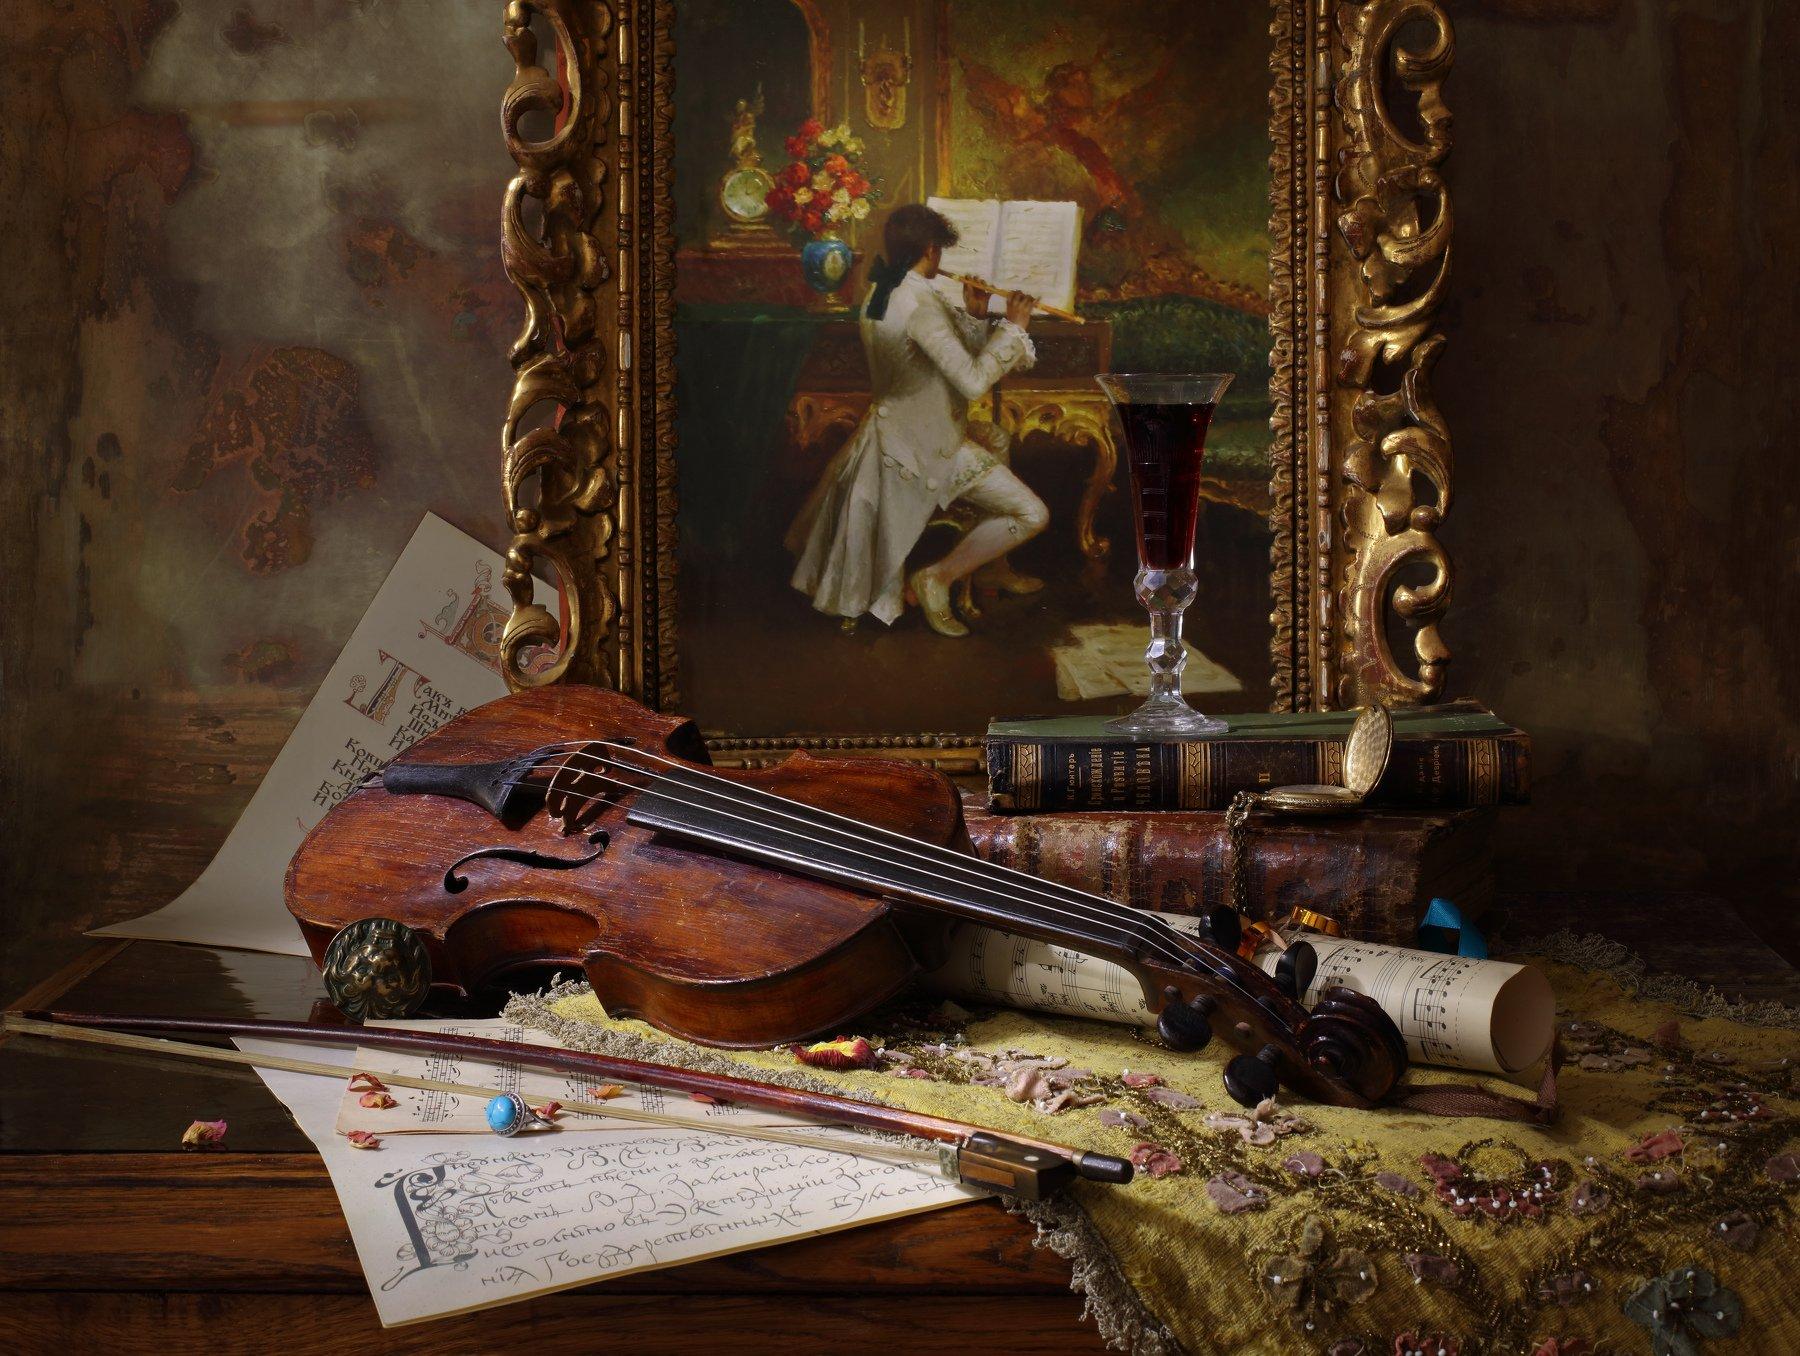 скрипка, музыка, картина, история, книги, Андрей Морозов